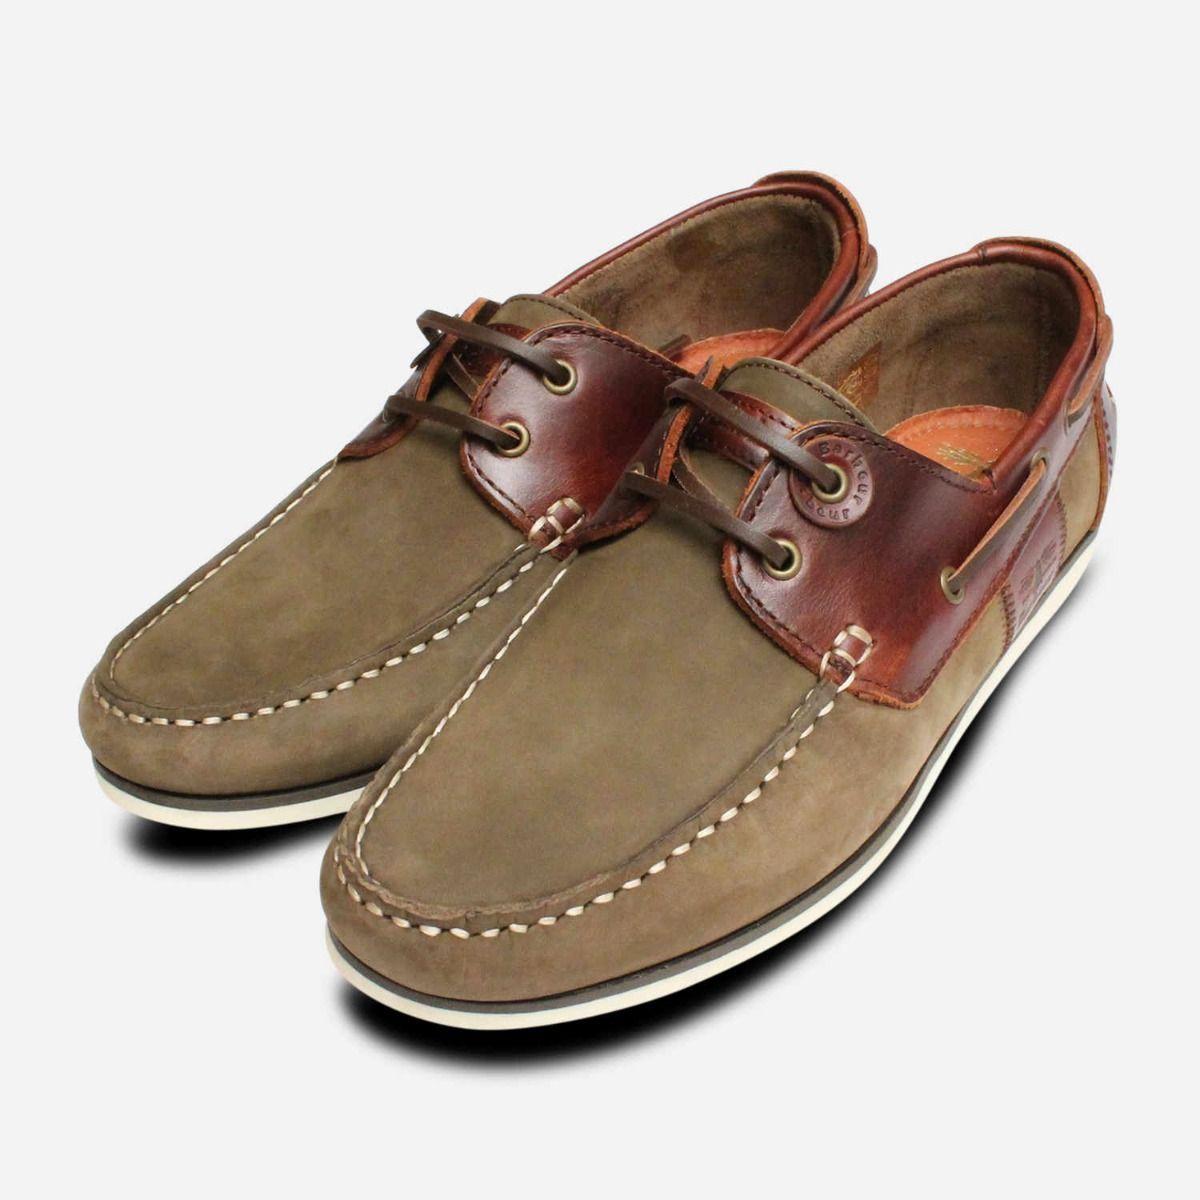 barbour capstan boat shoes tan cheap online